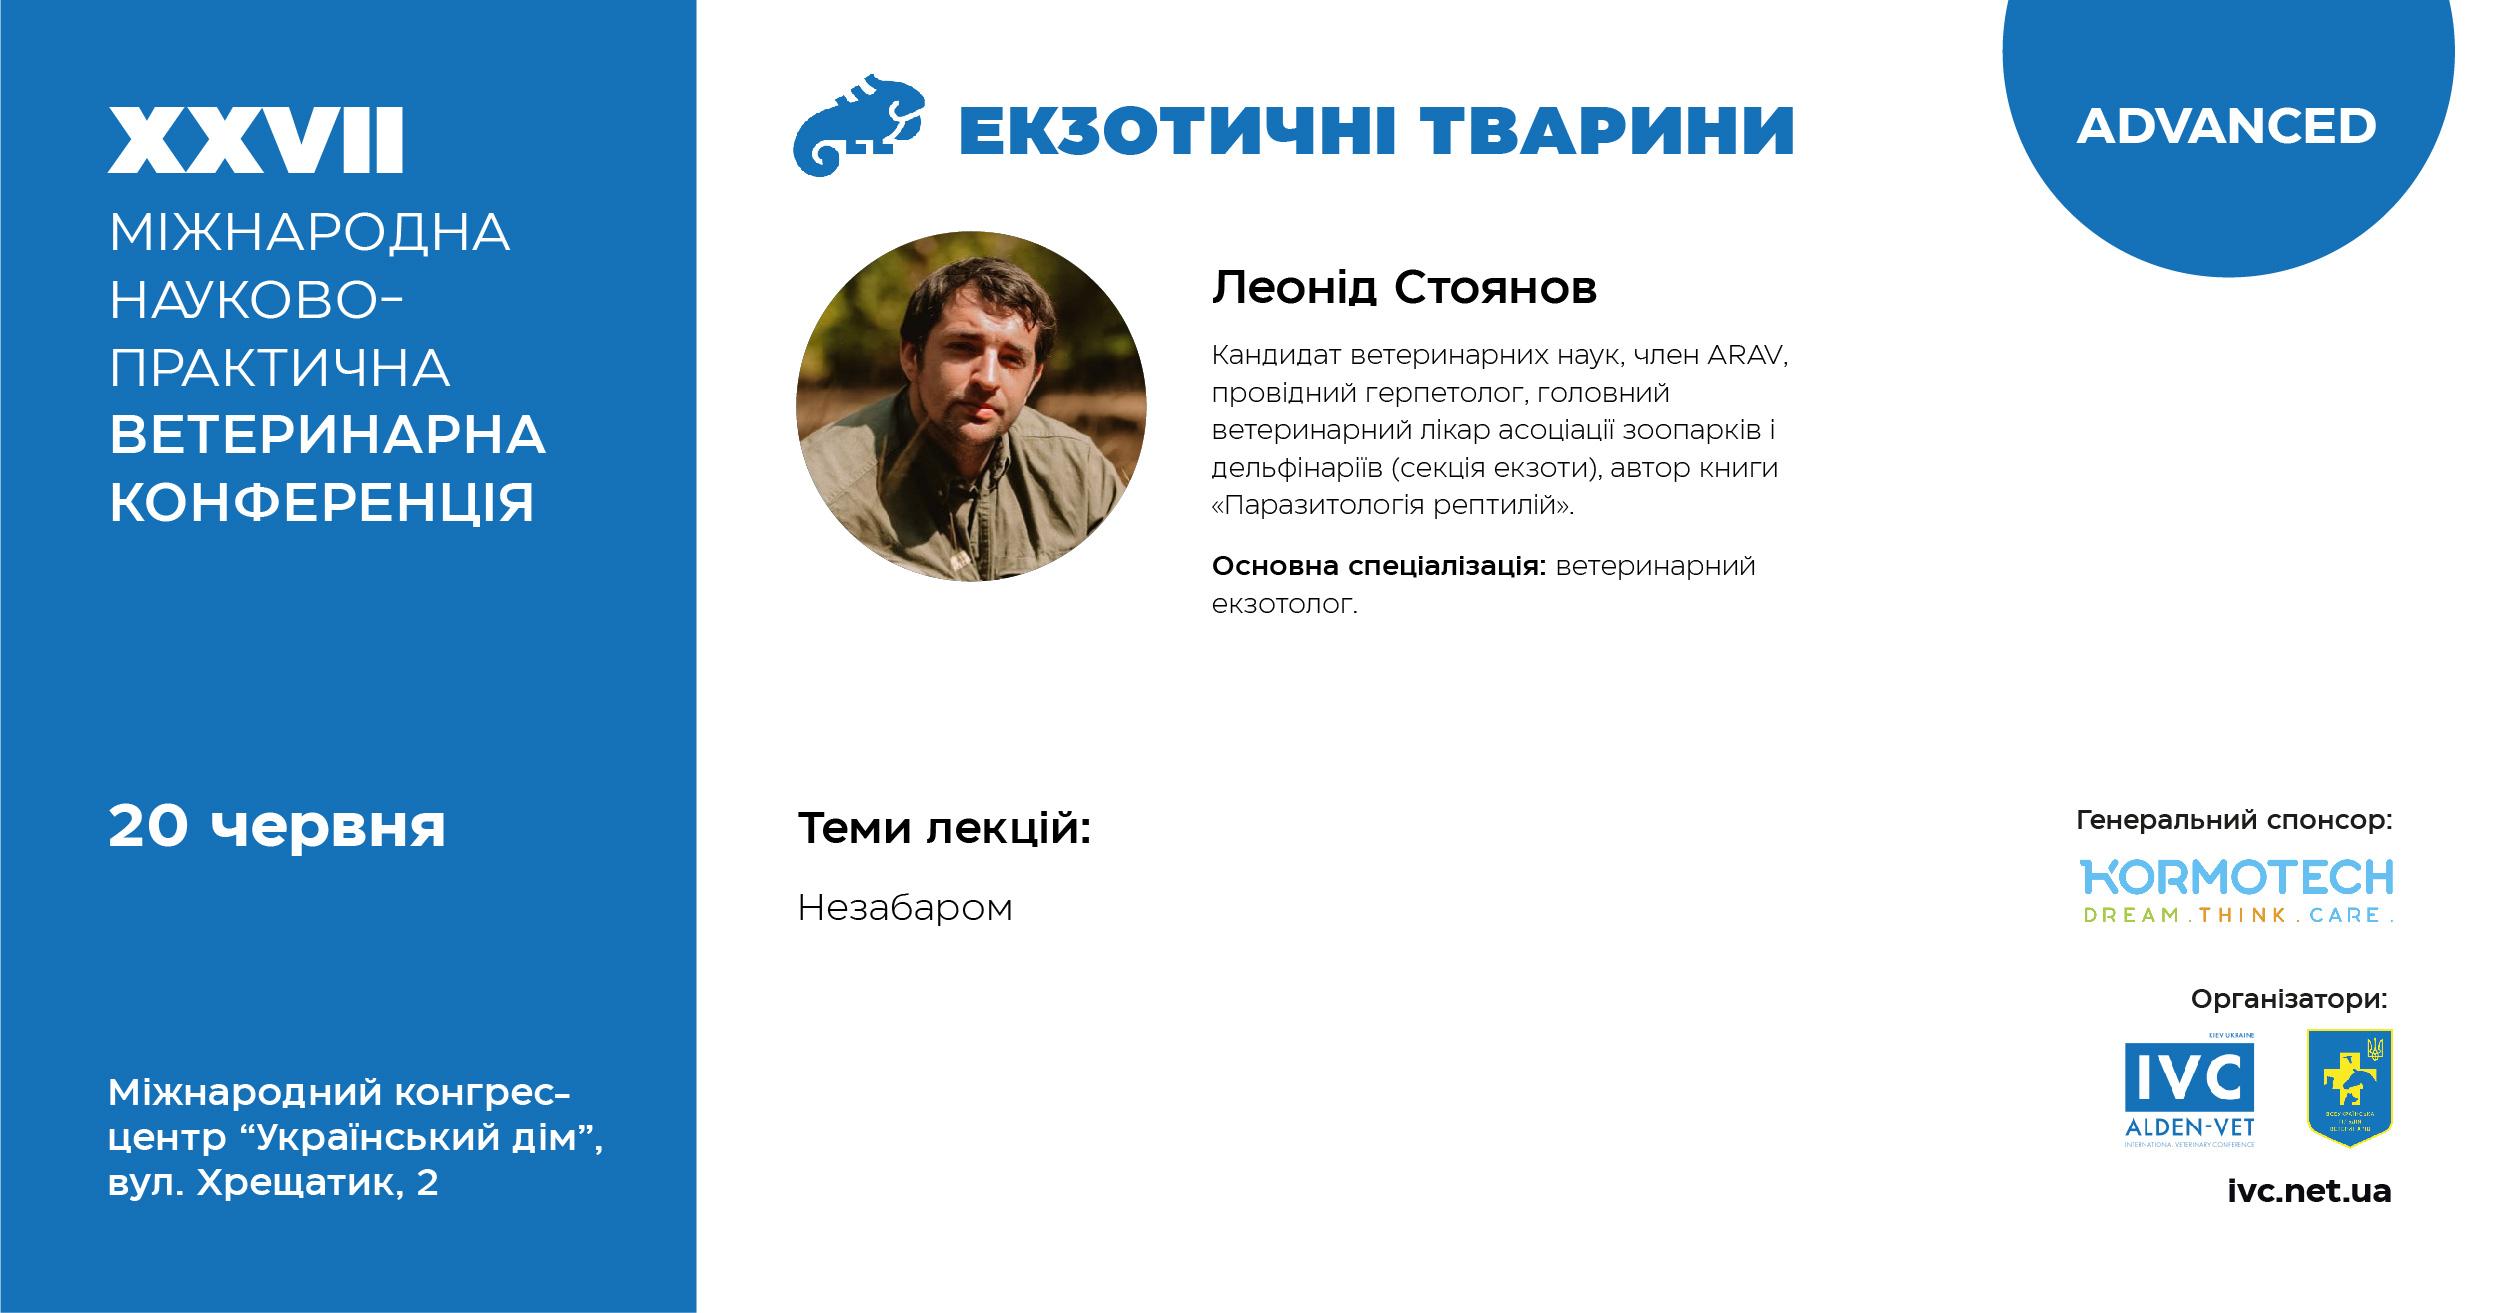 Леонід Стоянов